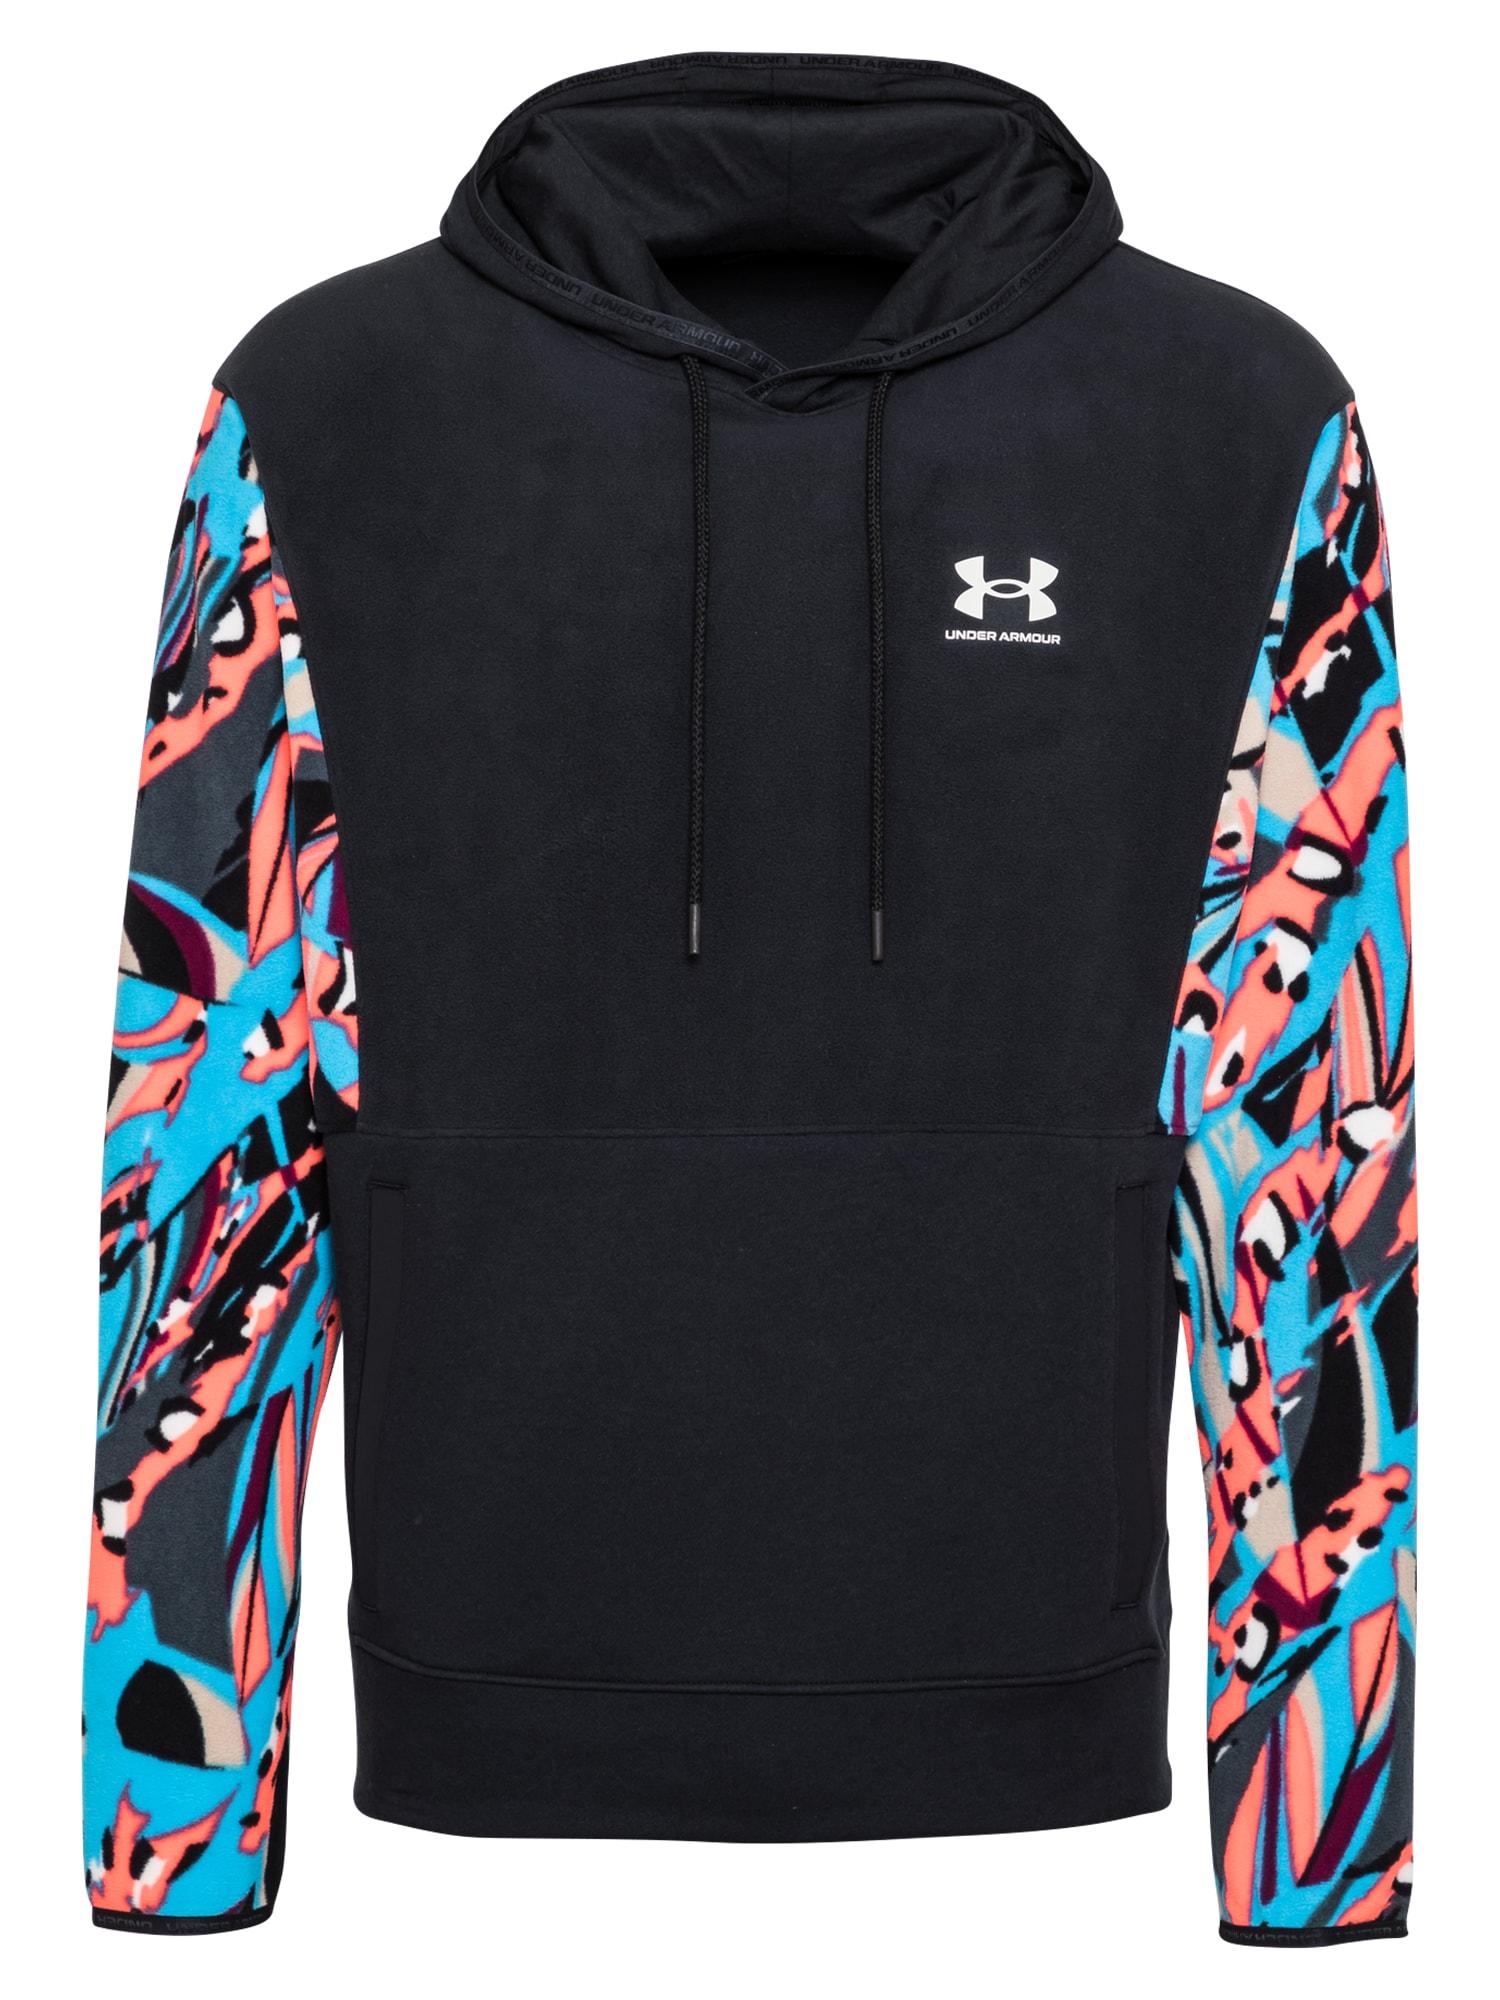 UNDER ARMOUR Sportinio tipo megztinis juoda / balta / turkio spalva / lašišų spalva / tamsiai pilka